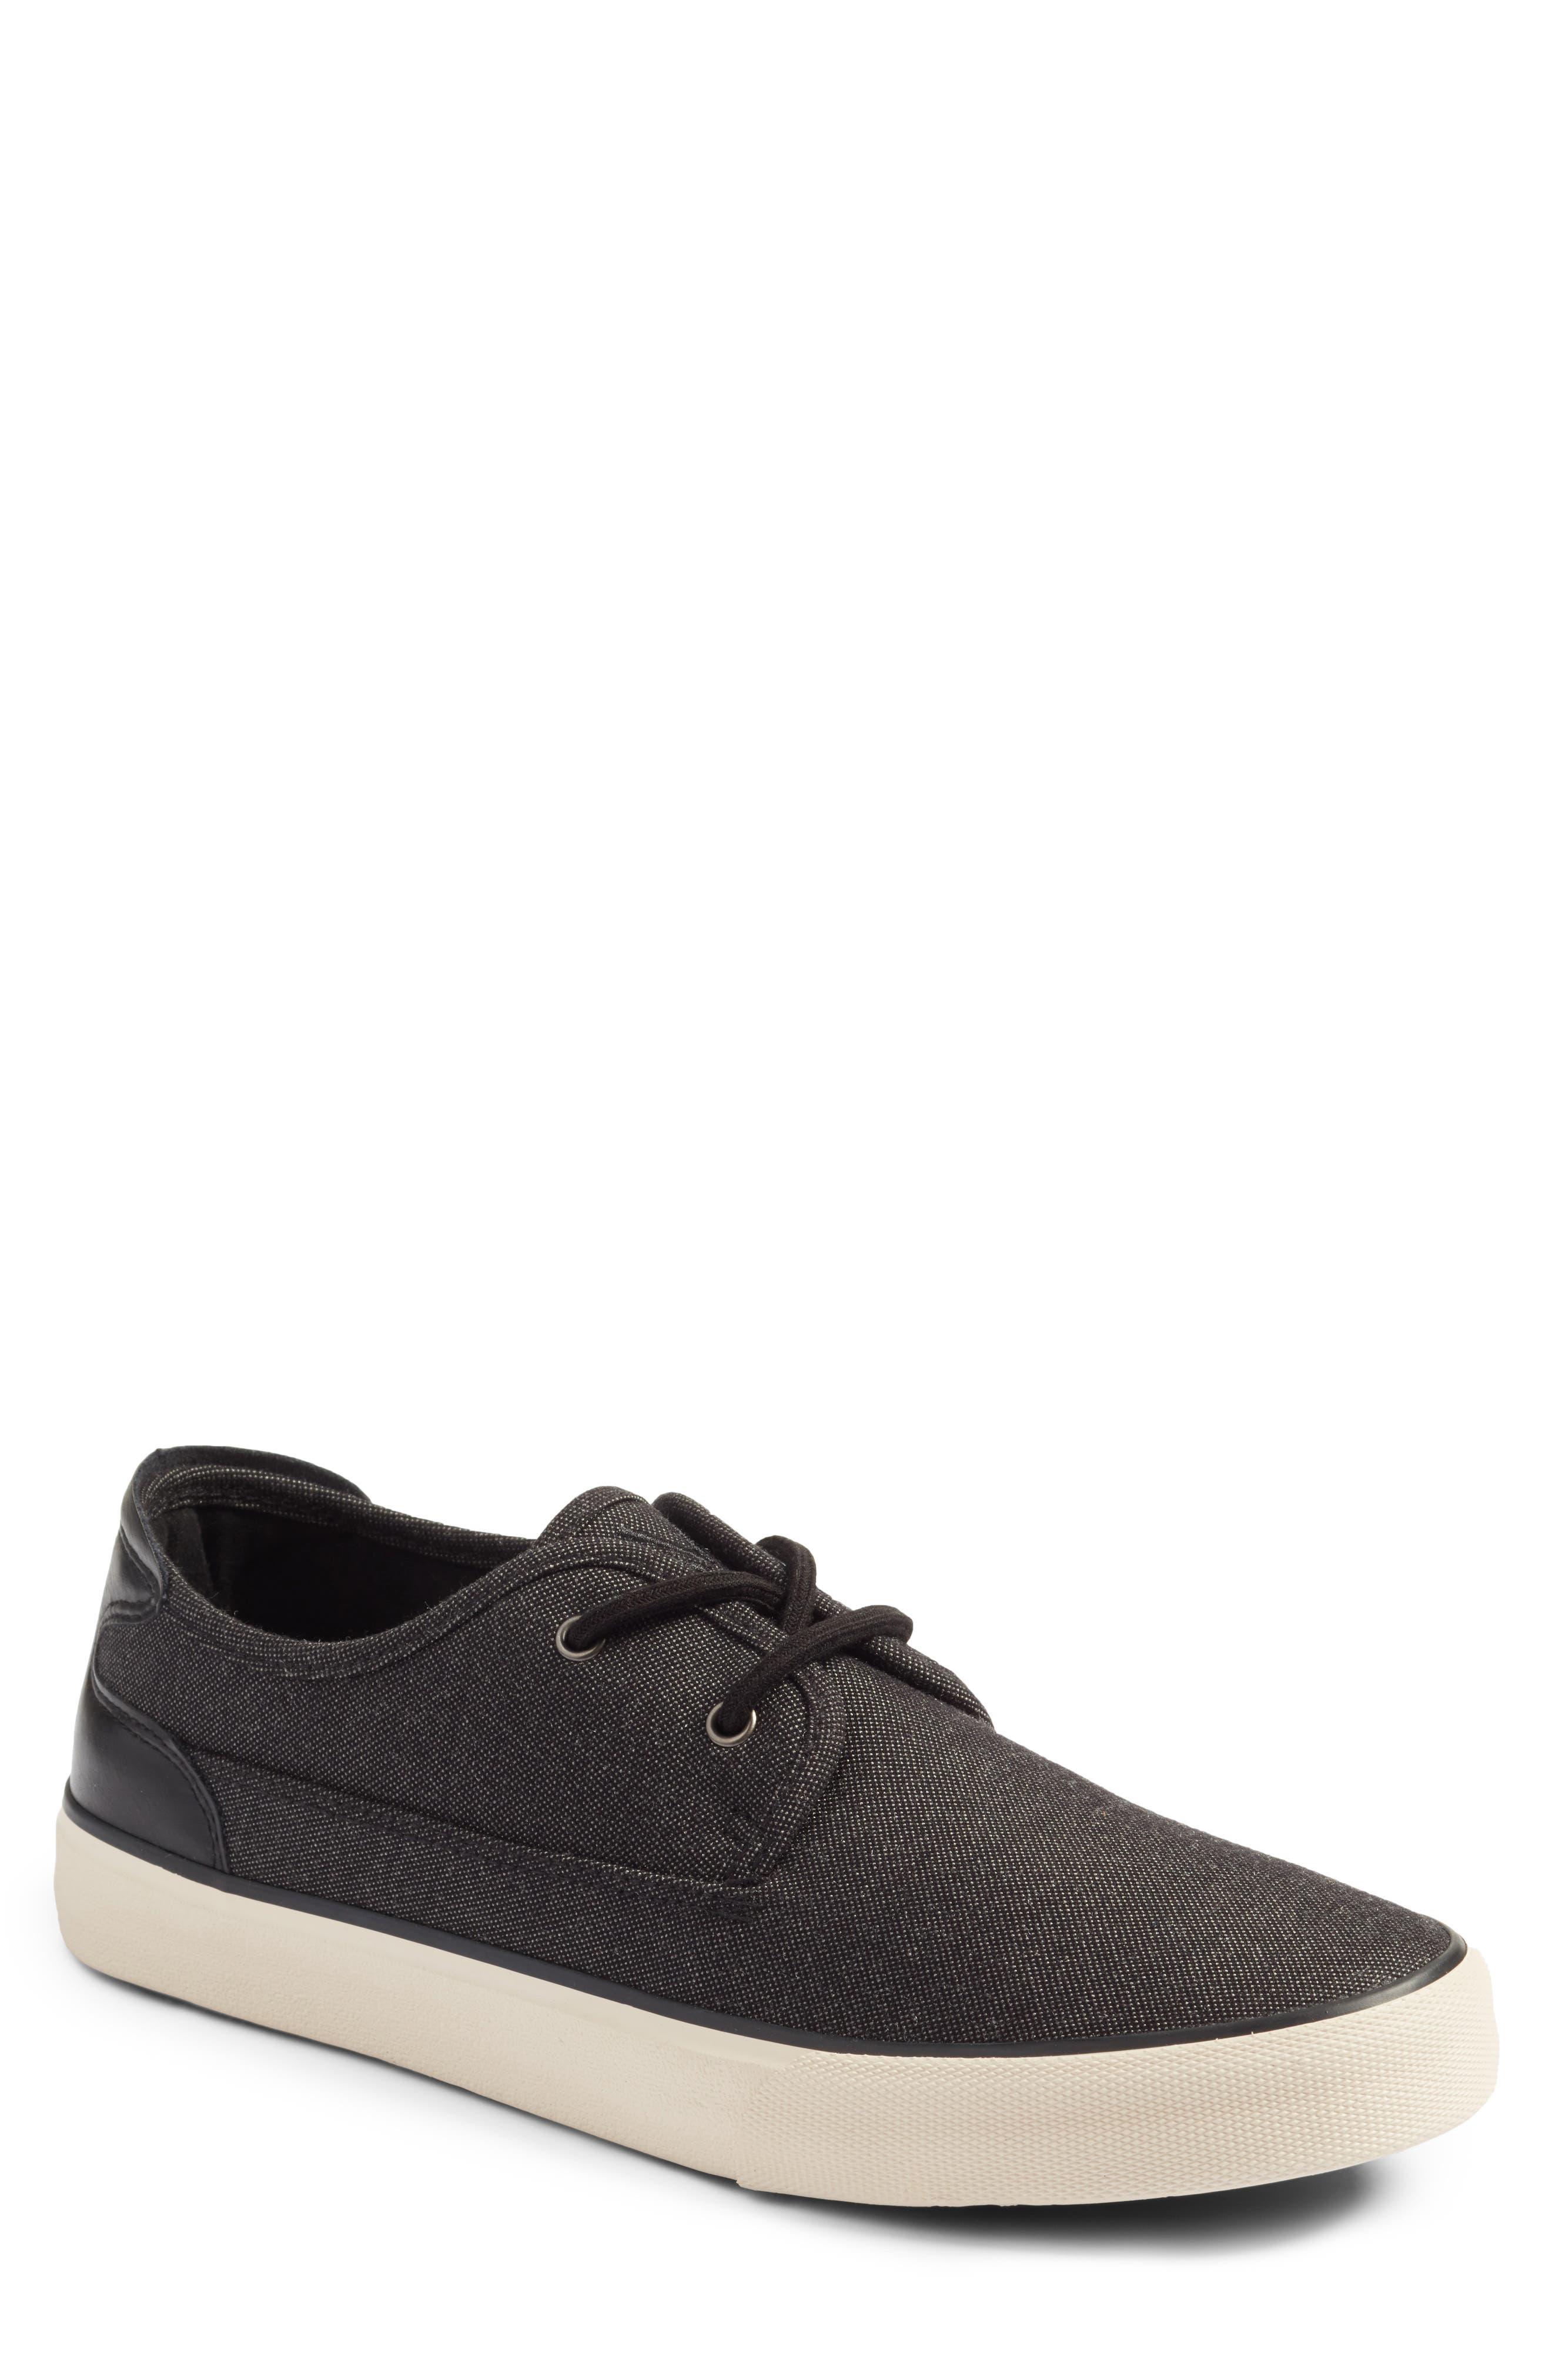 Morris Sneaker,                         Main,                         color, Black/ Bone